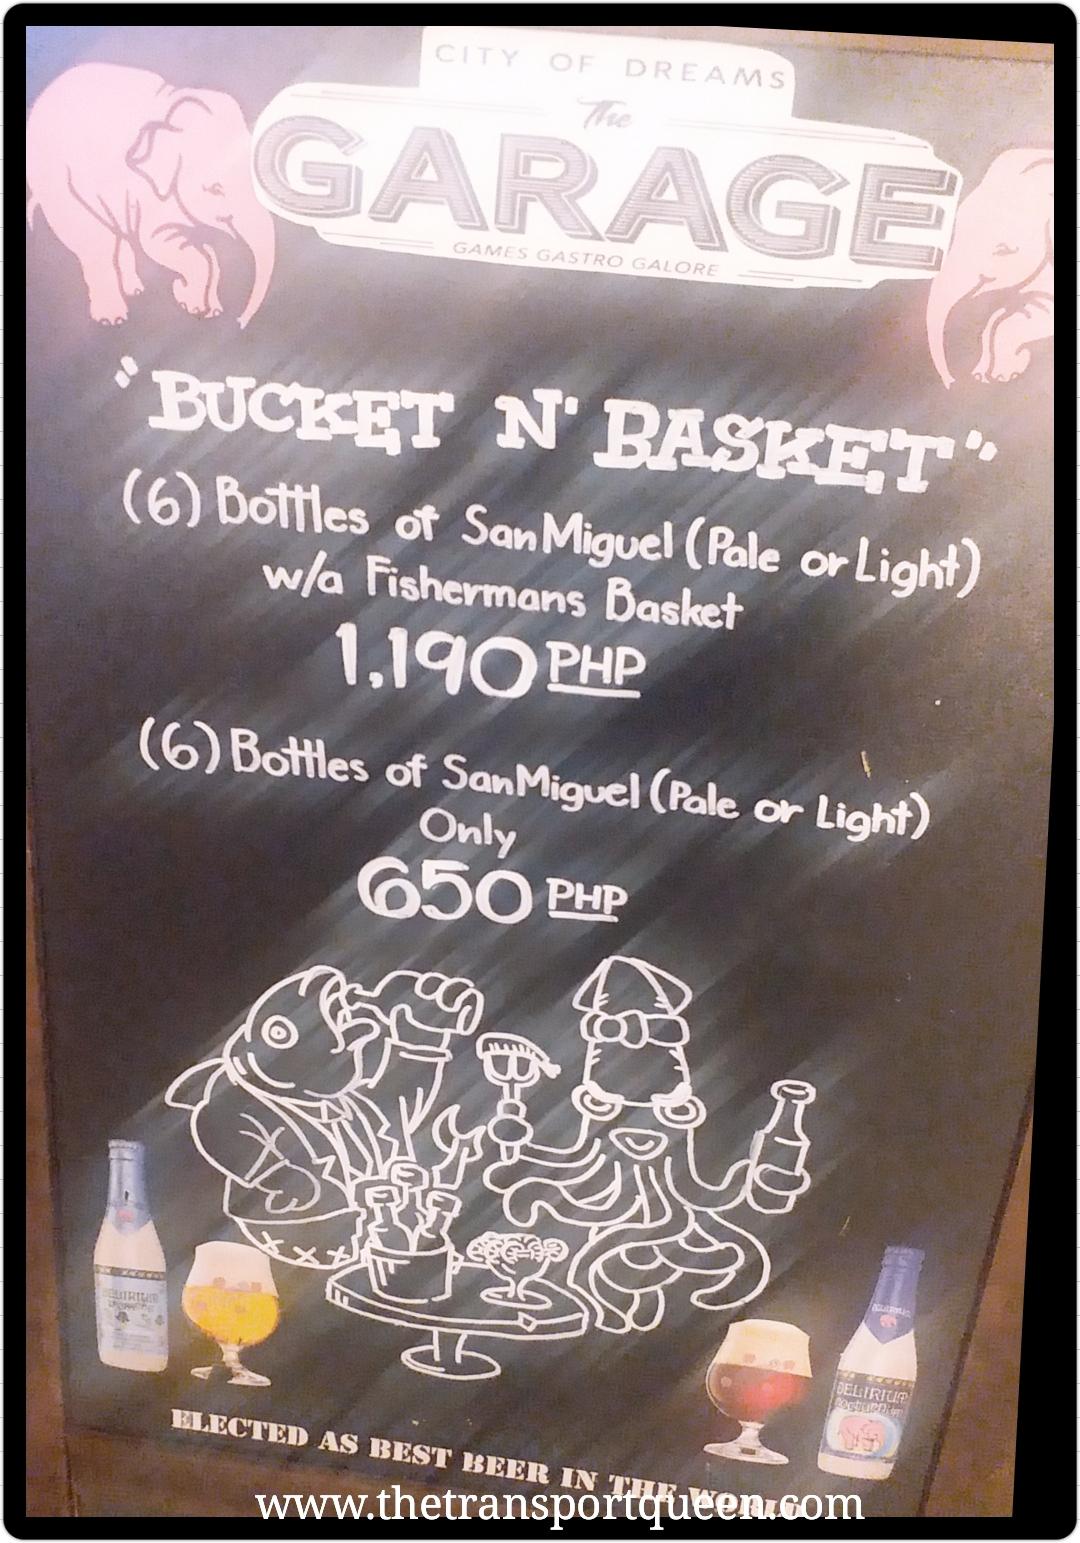 Bucket N Basket